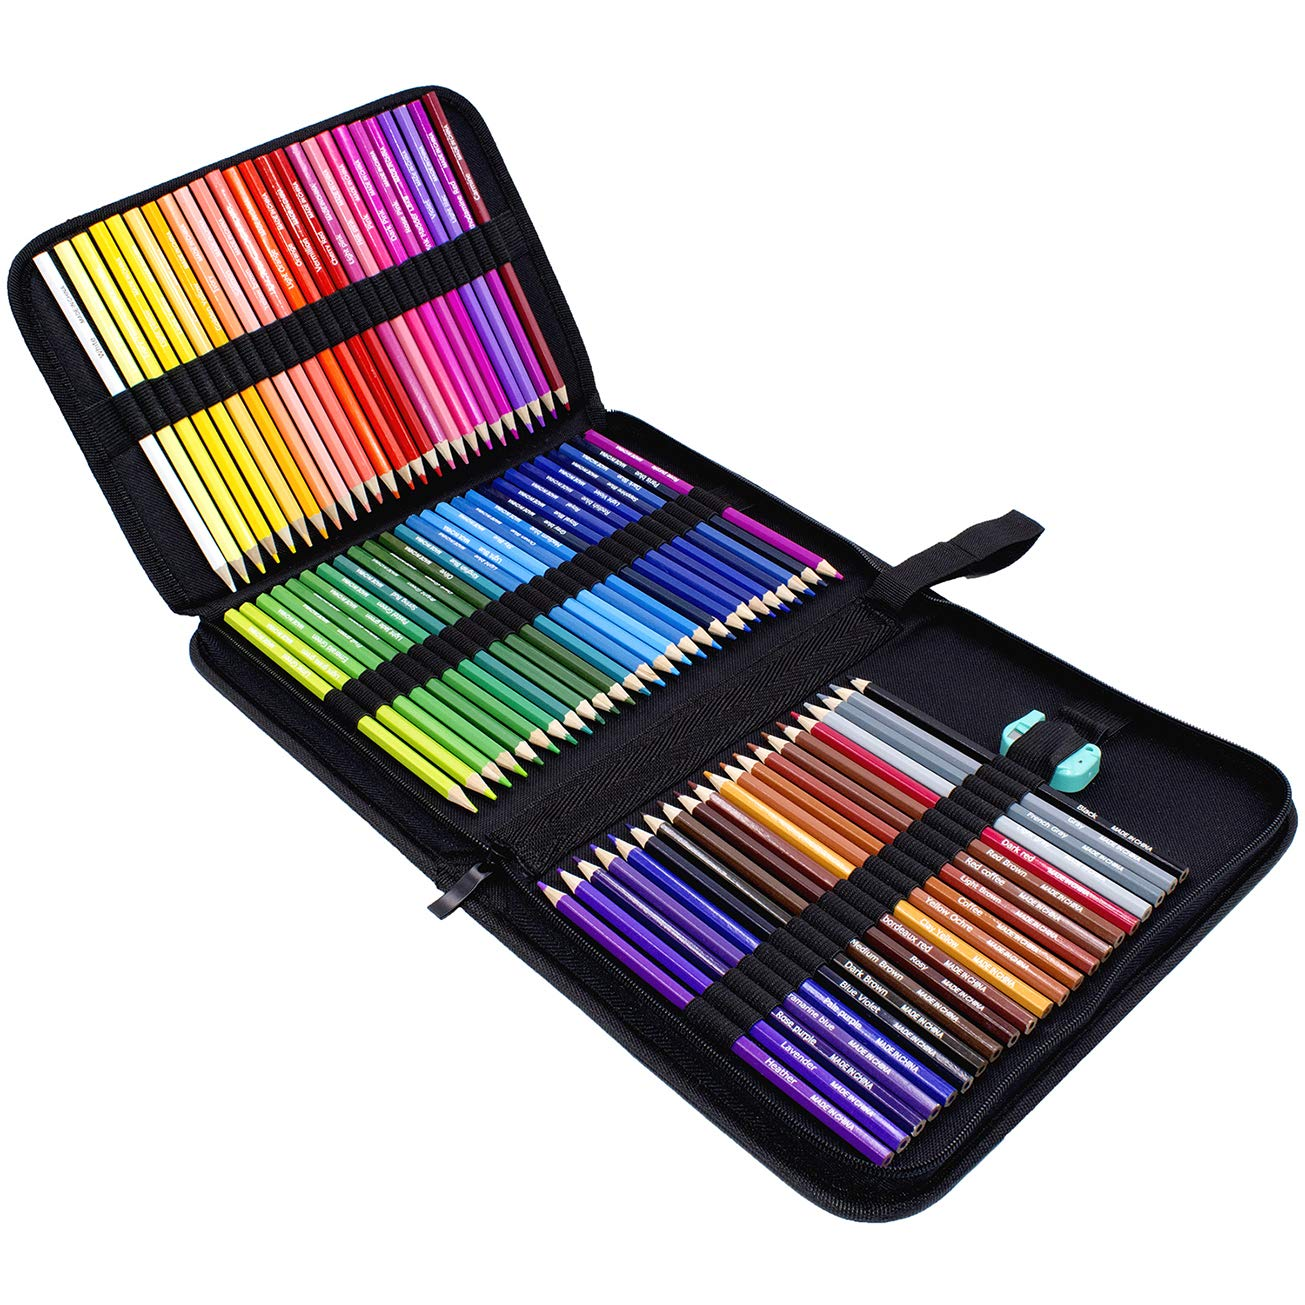 Rock Ninja 72 lápices de colores, incluidos estuche de viaje, sacapuntas, un regalo perfecto para niños, estudiantes, artistas y pintores, lápices de ...